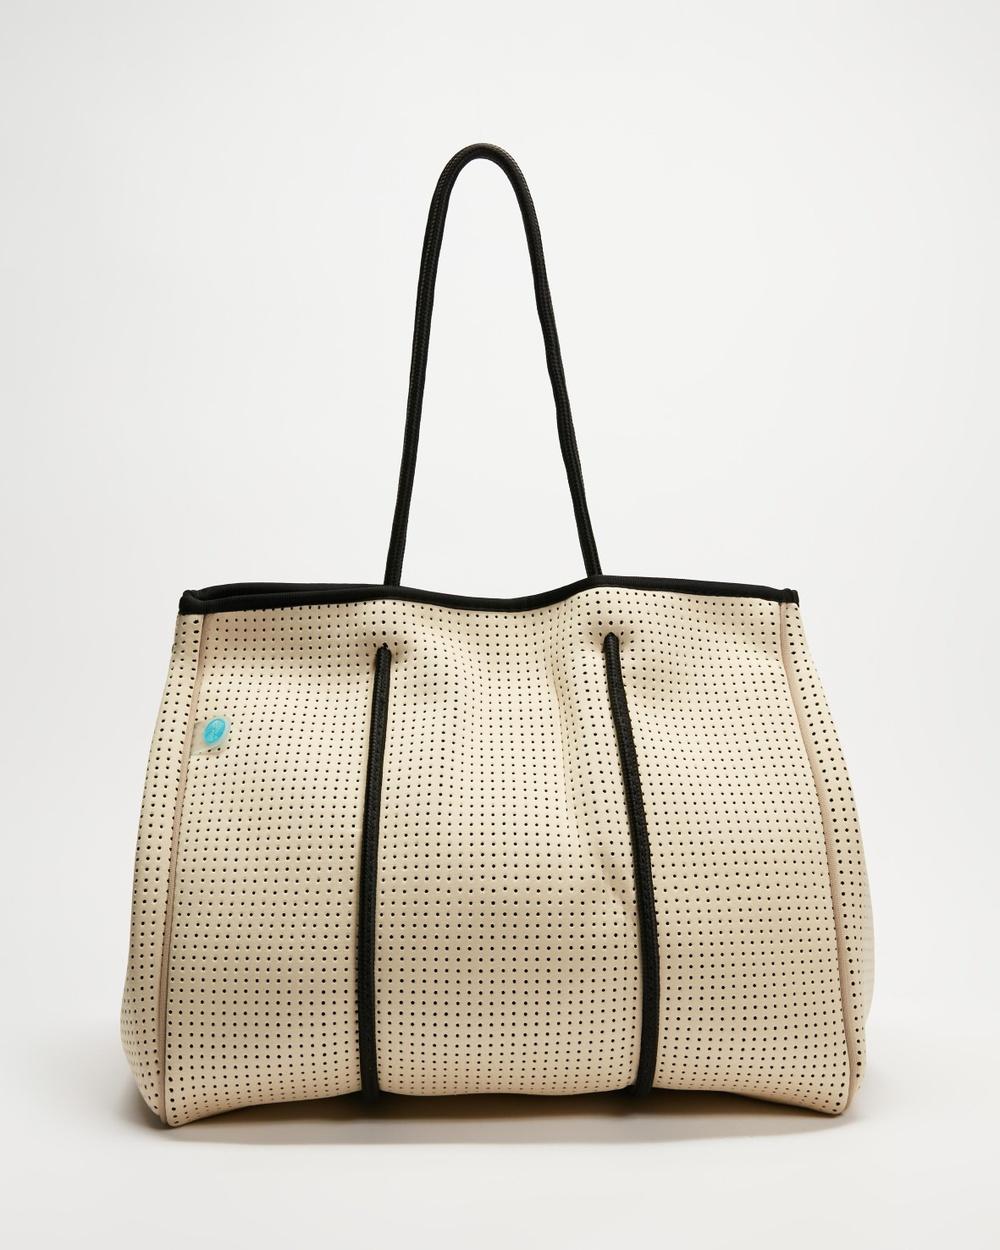 Chuchka Neoprene Tote Bag Bags Taupe